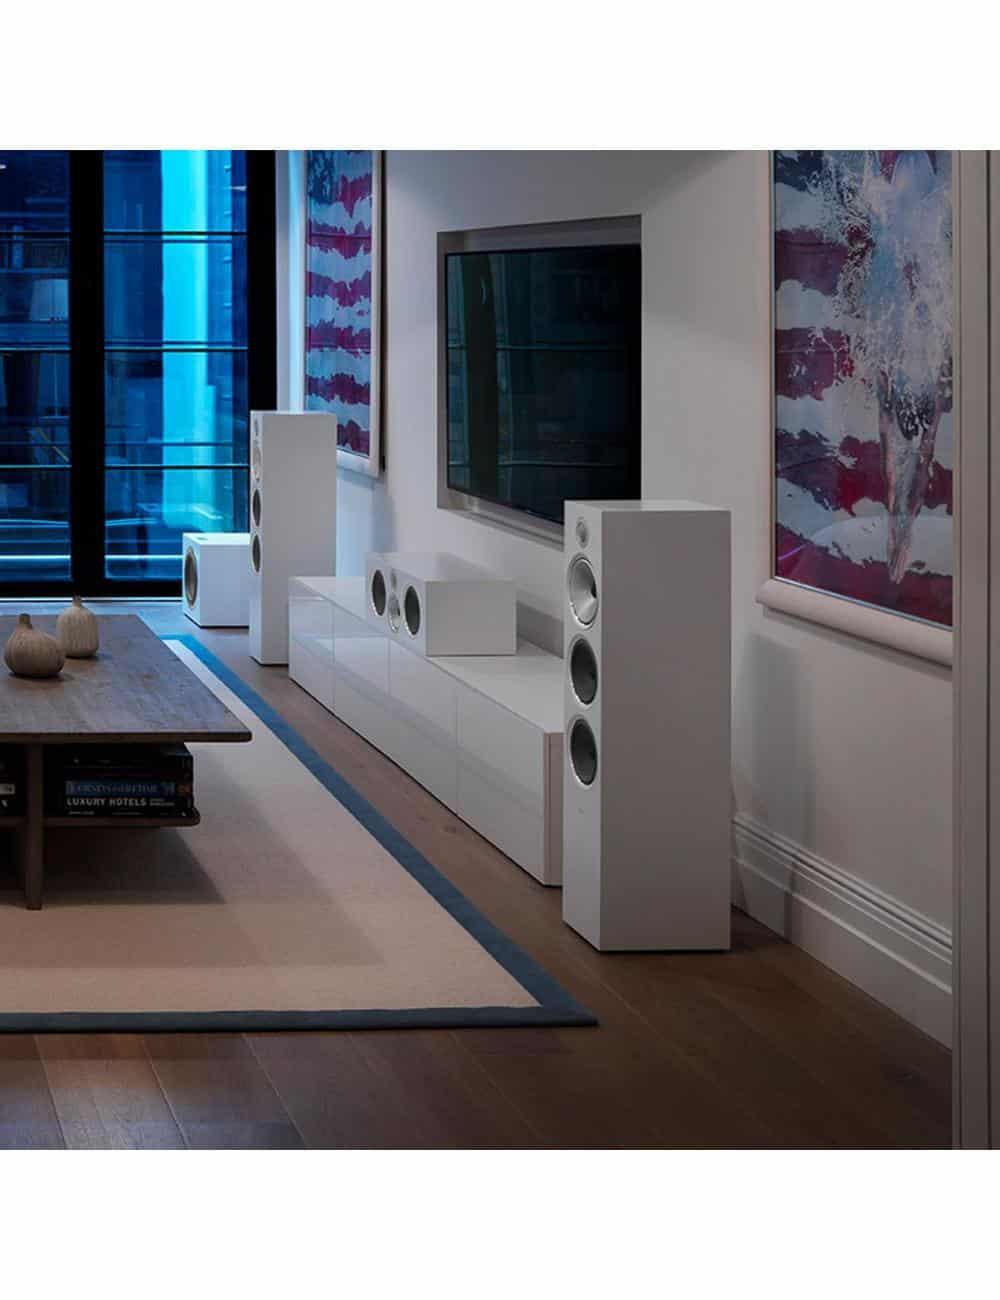 diffusori acustici da pavimento per hifi e home theater, Bowers & Wilkins 703, home cinema